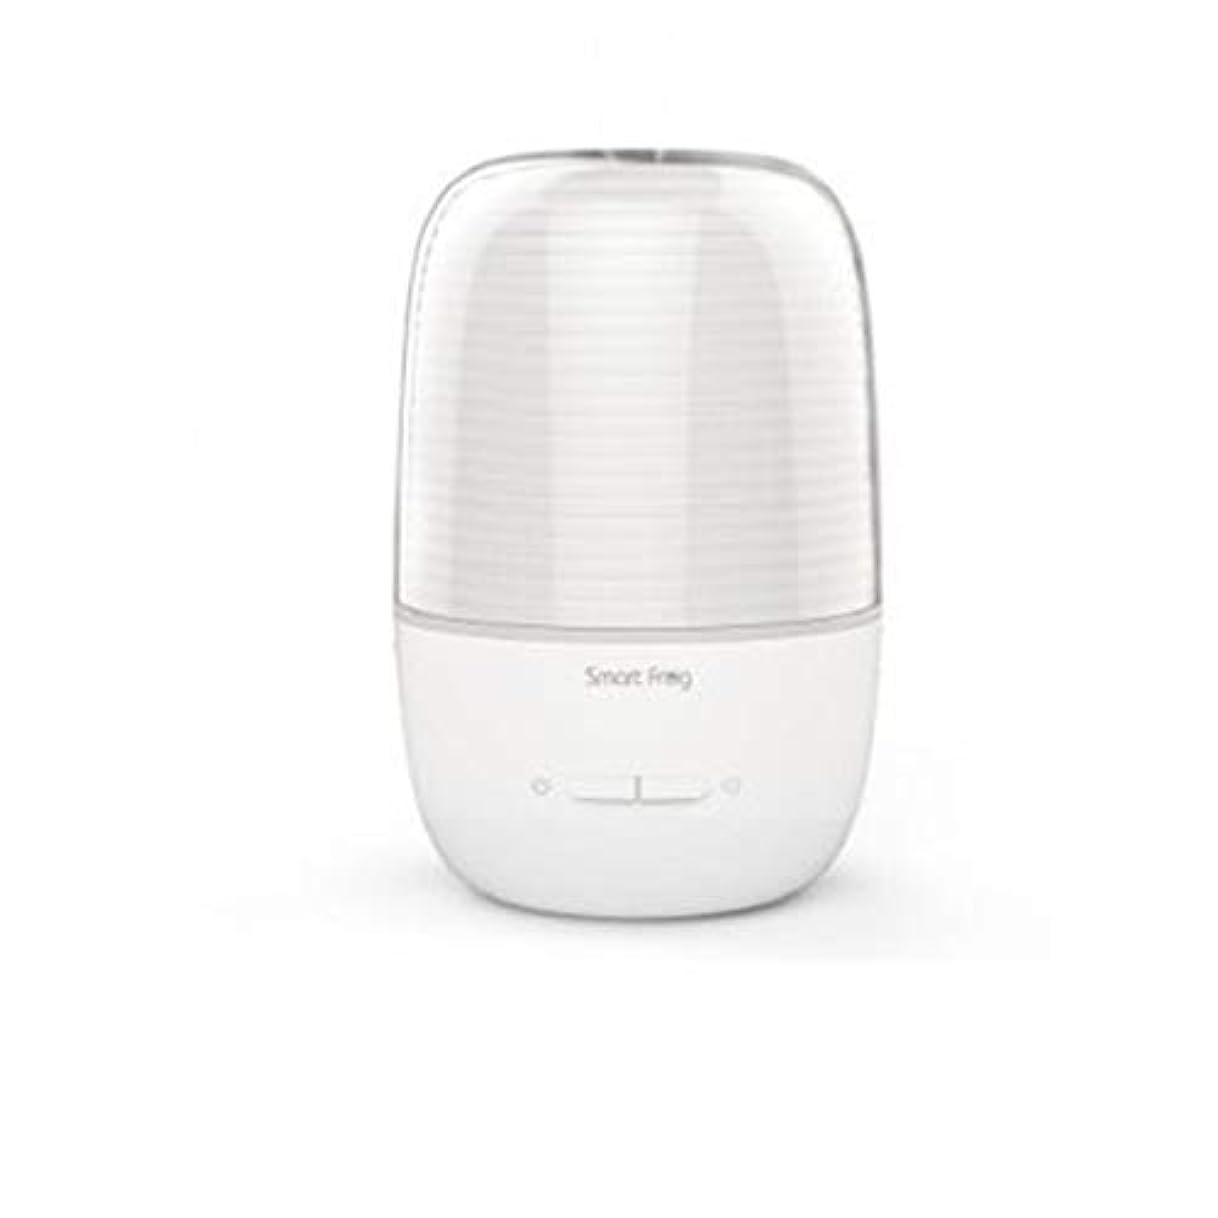 うがい汚染する回る130ml超音波冷たい霧の加湿器の変更家のヨガのオフィスの鉱泉の寝室の拡散器 (Color : White)